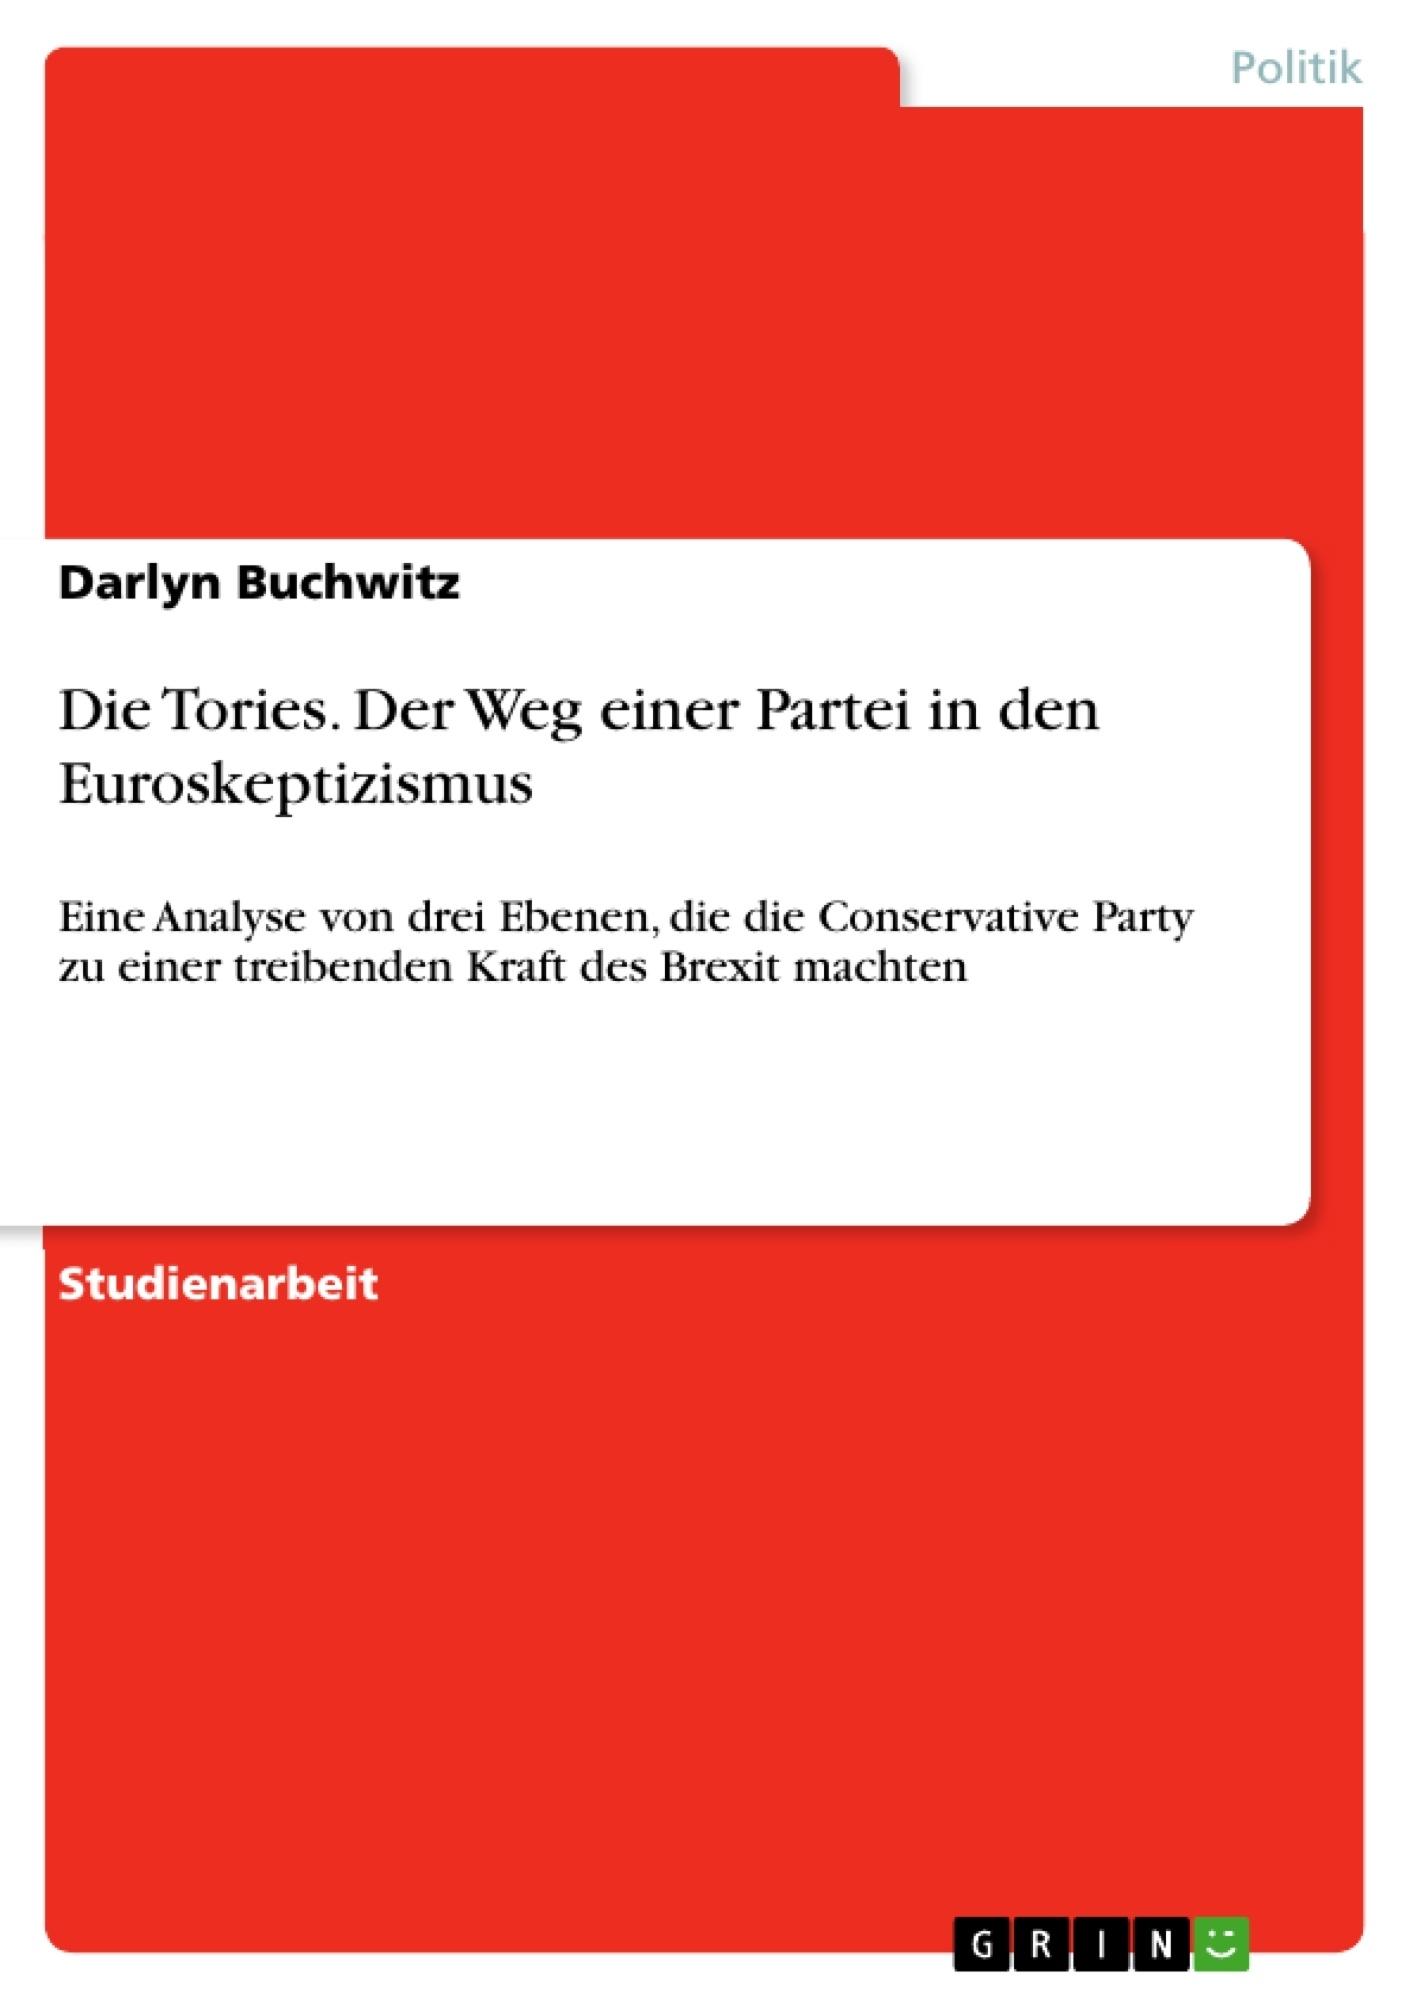 Titel: Die Tories. Der Weg einer Partei in den Euroskeptizismus